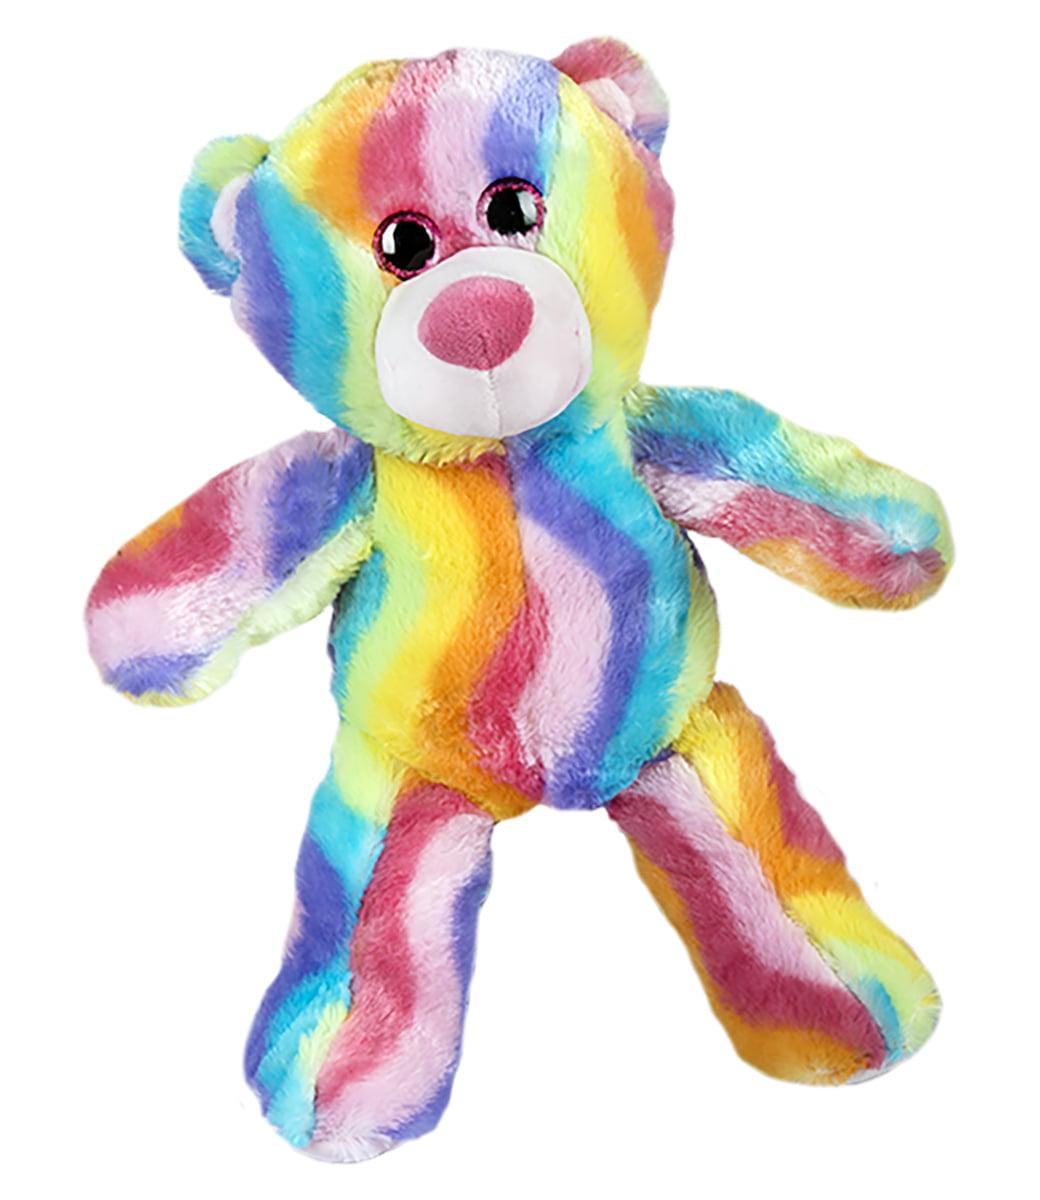 Recordable Teddy Bear Walmart, Record Your Own Plush 16 Inch Rainbow Stripe Teddy Bear Ready To Love In A Few Easy Steps Walmart Com Walmart Com